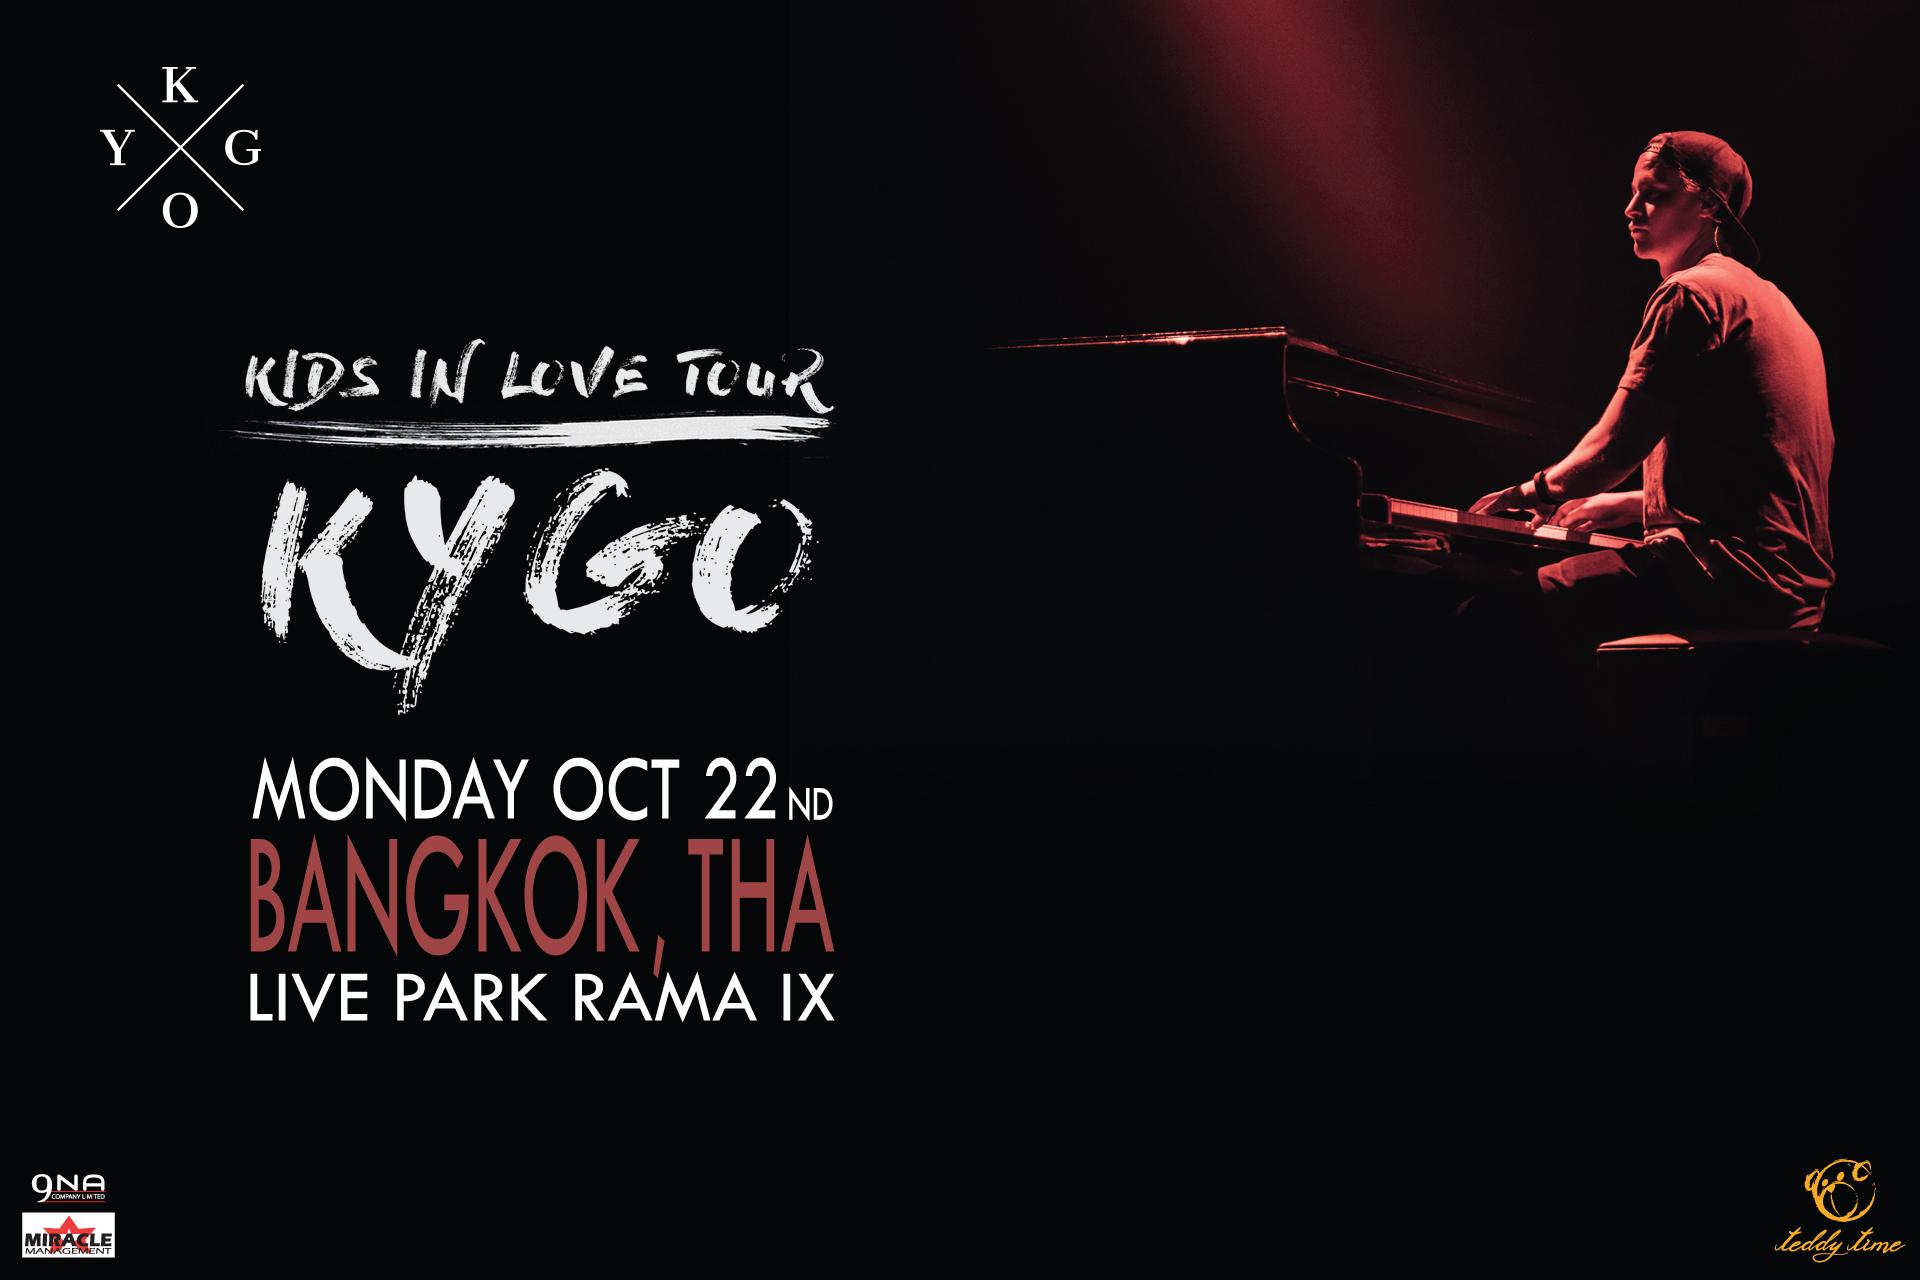 """เตรียมระเบิดความมันส์ครั้งแรกในไทยกับ """"ไคโก"""" ในโปรเจกต์ระดับโลก """"Kids in Love Tour"""" 22 ตุลาคม 2561 Live Park พระราม 9"""